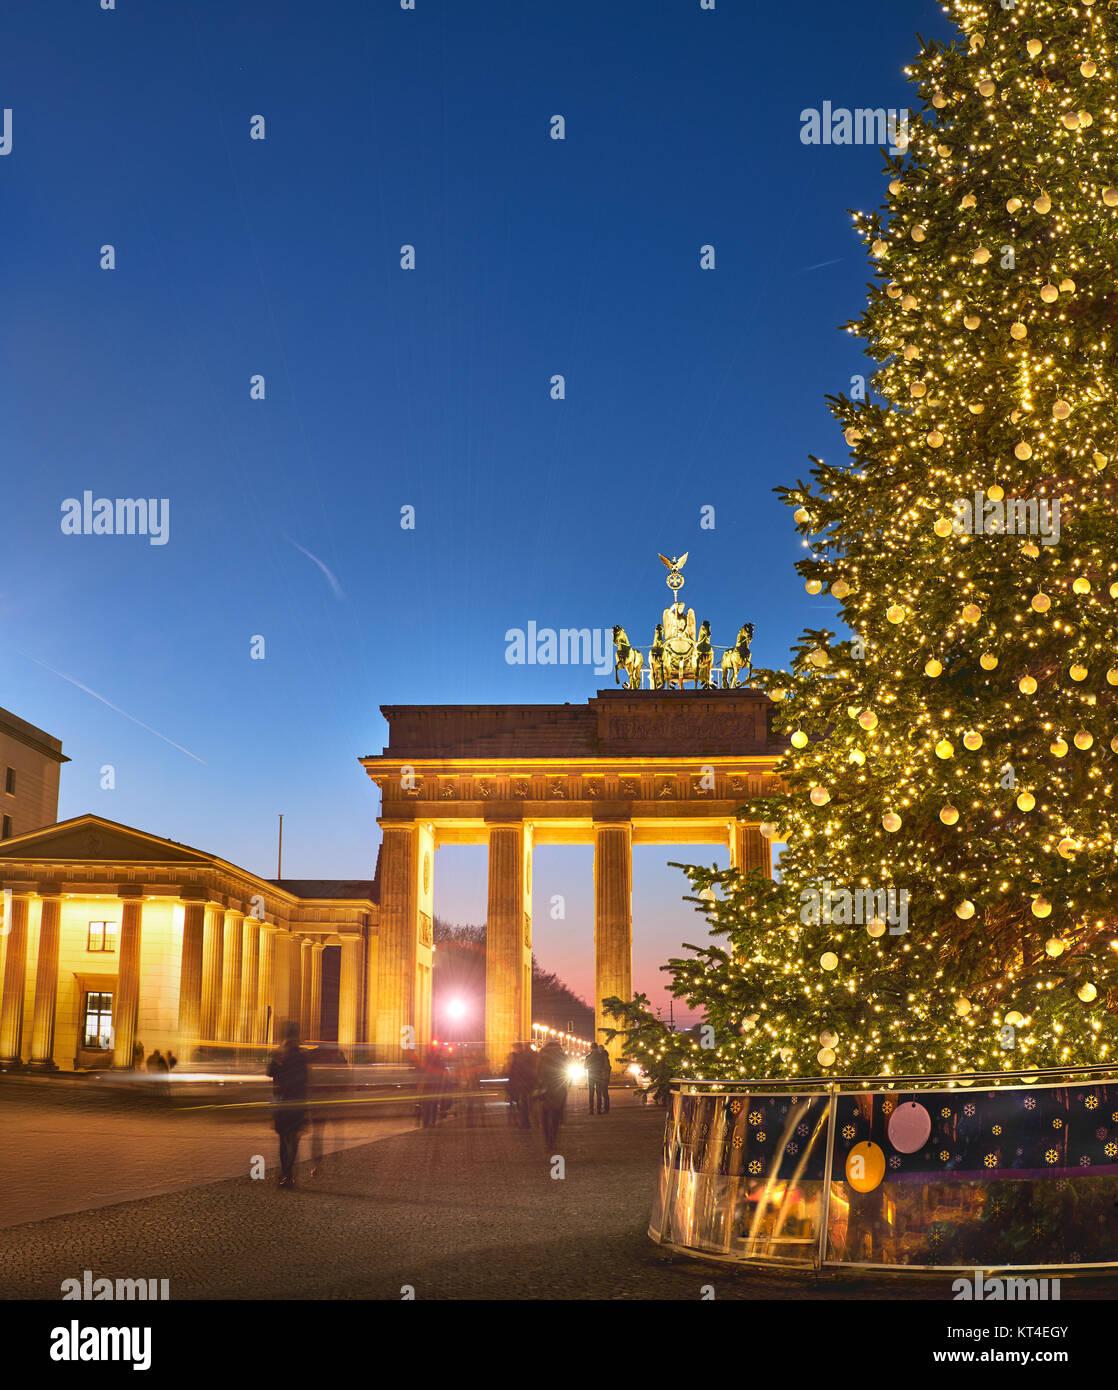 Puerta de Brandenburgo en Berlín con árbol de Navidad en la noche con iluminación de noche, imagen Imagen De Stock